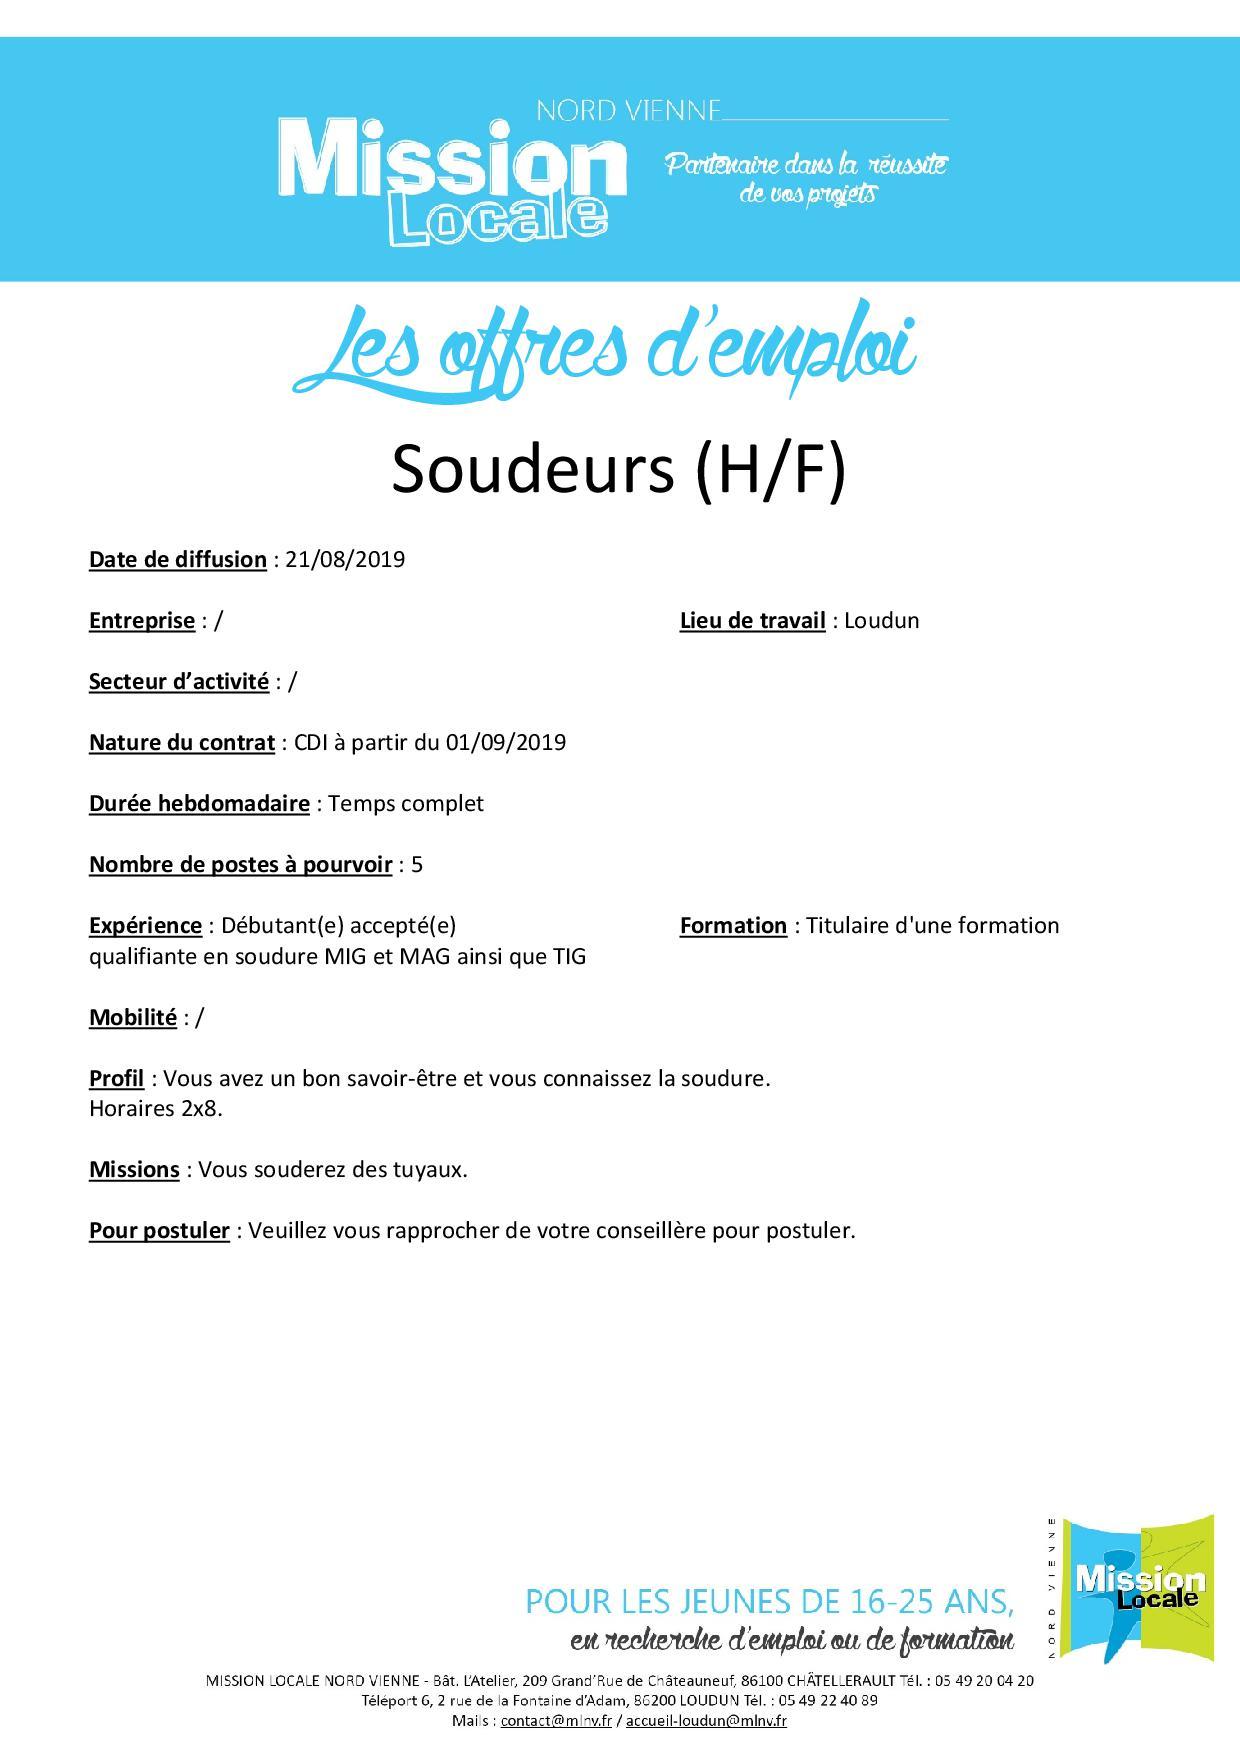 Soudeur (H/F)